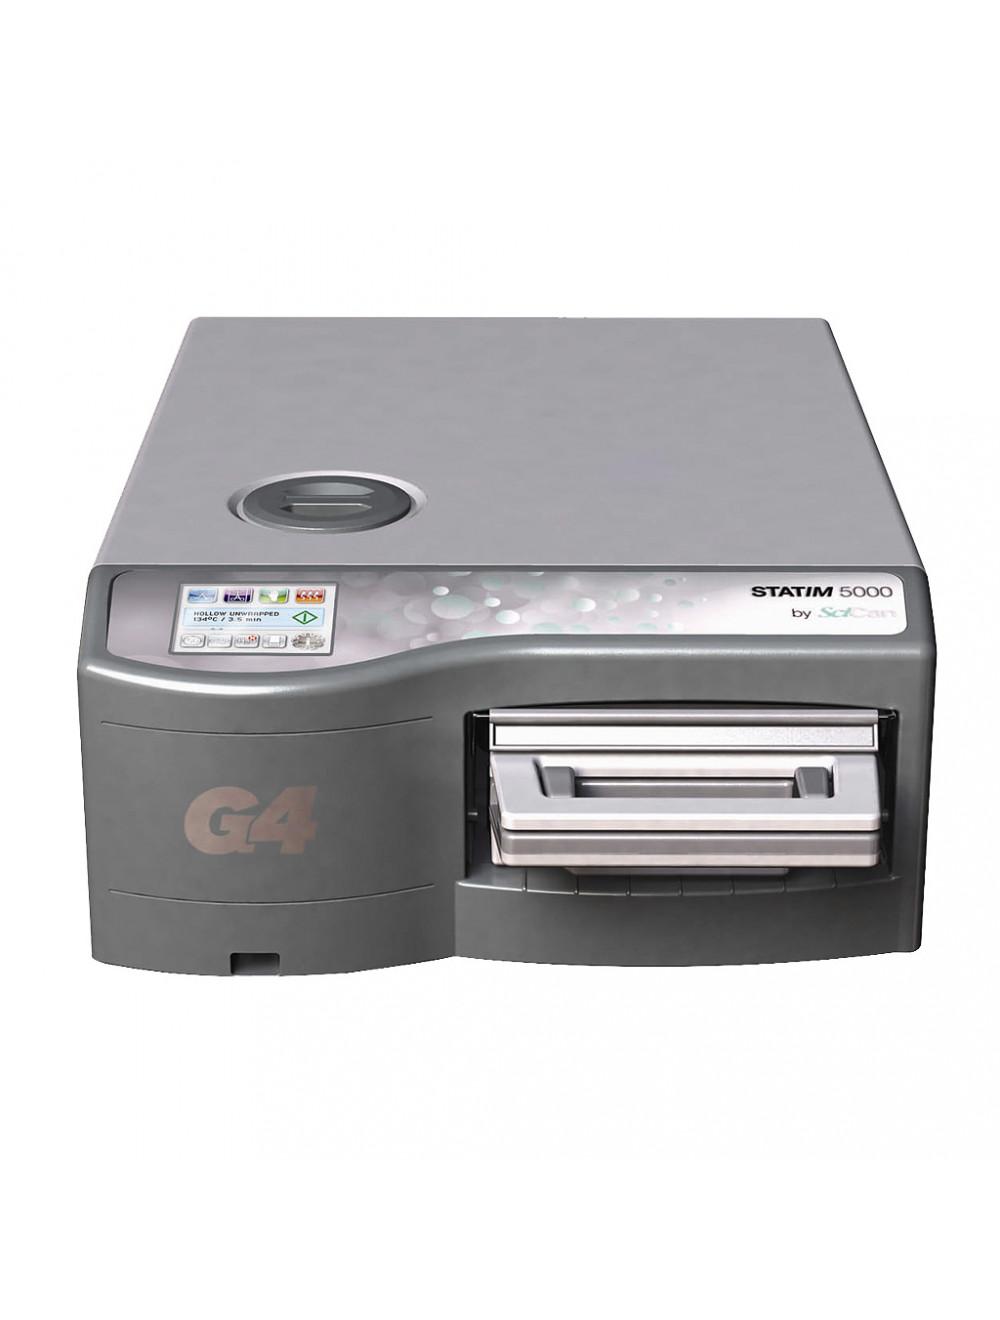 Scican Kassettenautoklave Statim 5000, Kammergröße 5,1 Liter, Sterilisationszeit unter 4 Minuten, G4-Cloud Autoklaven